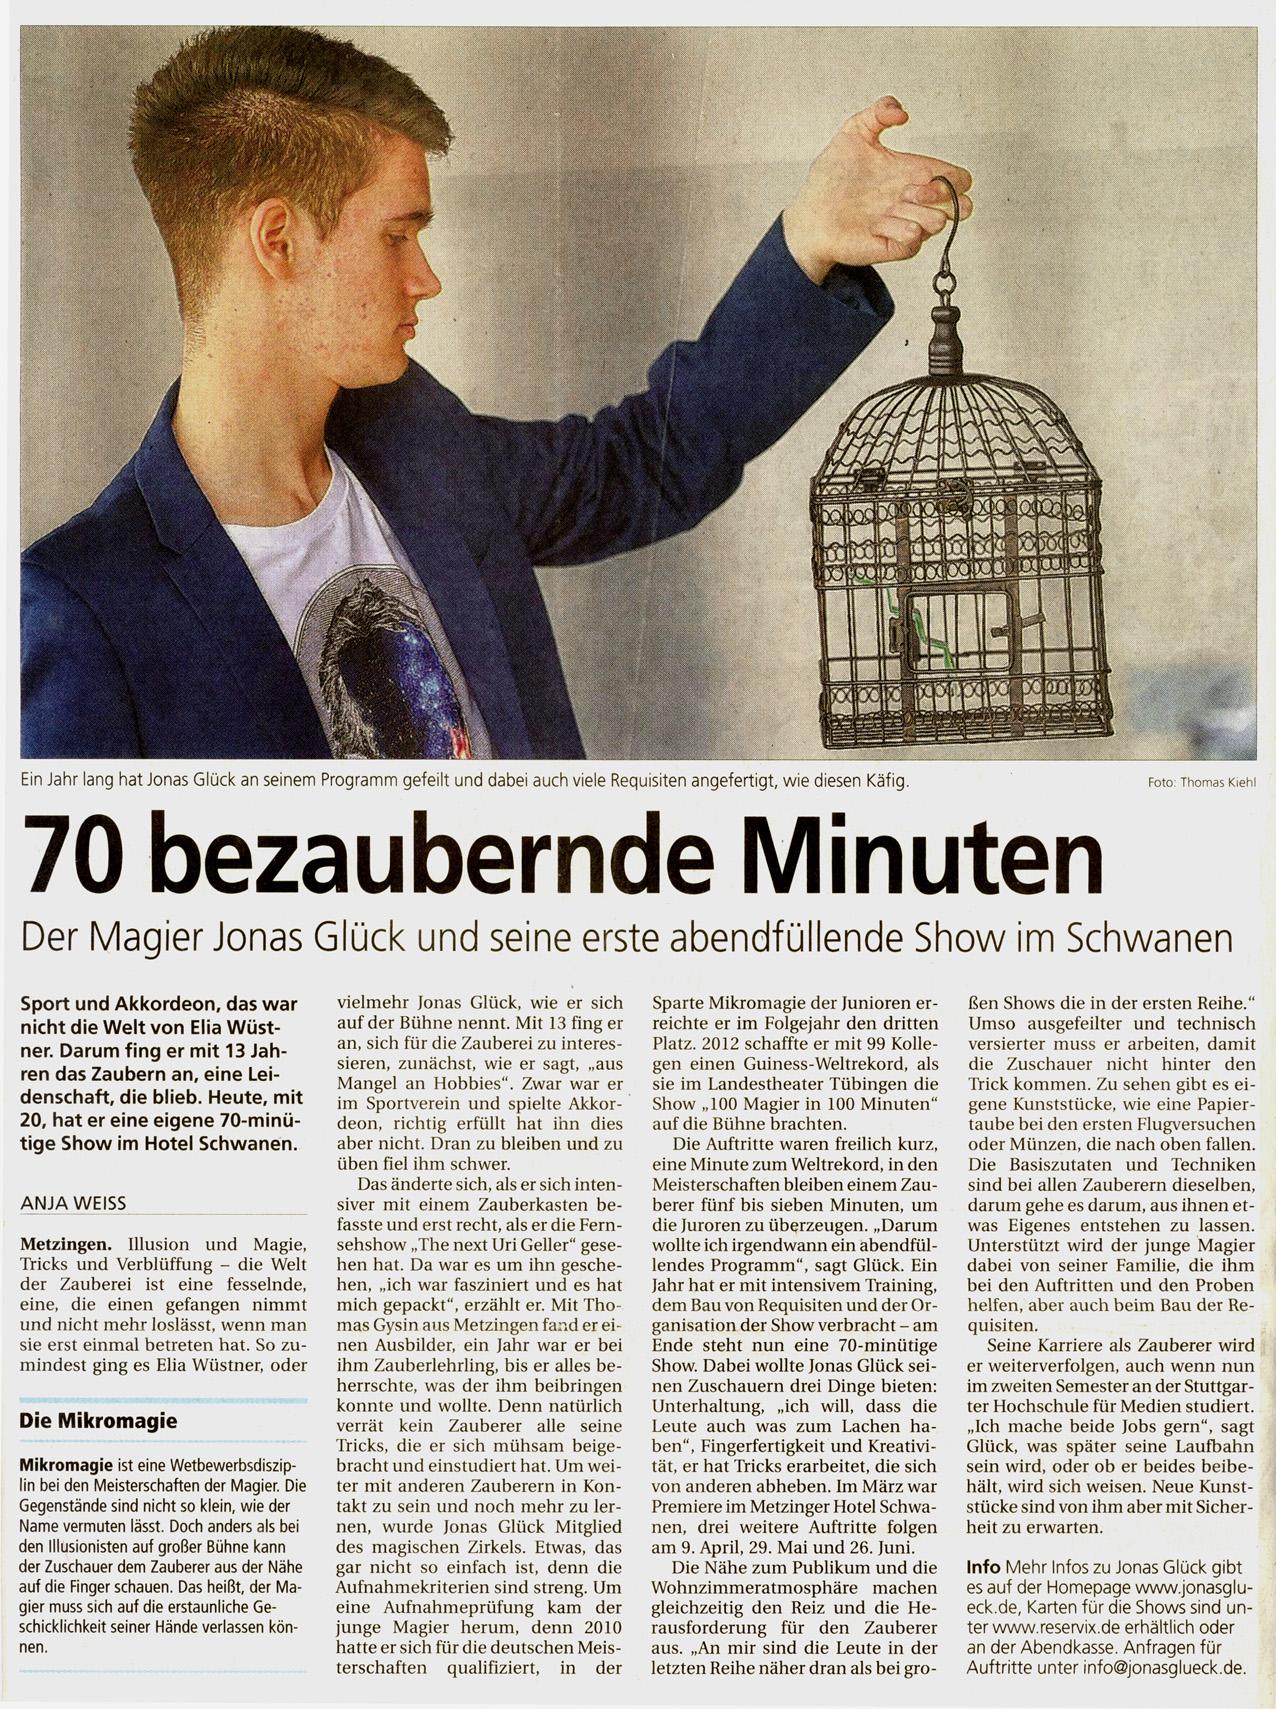 MetzingerVolksblatt